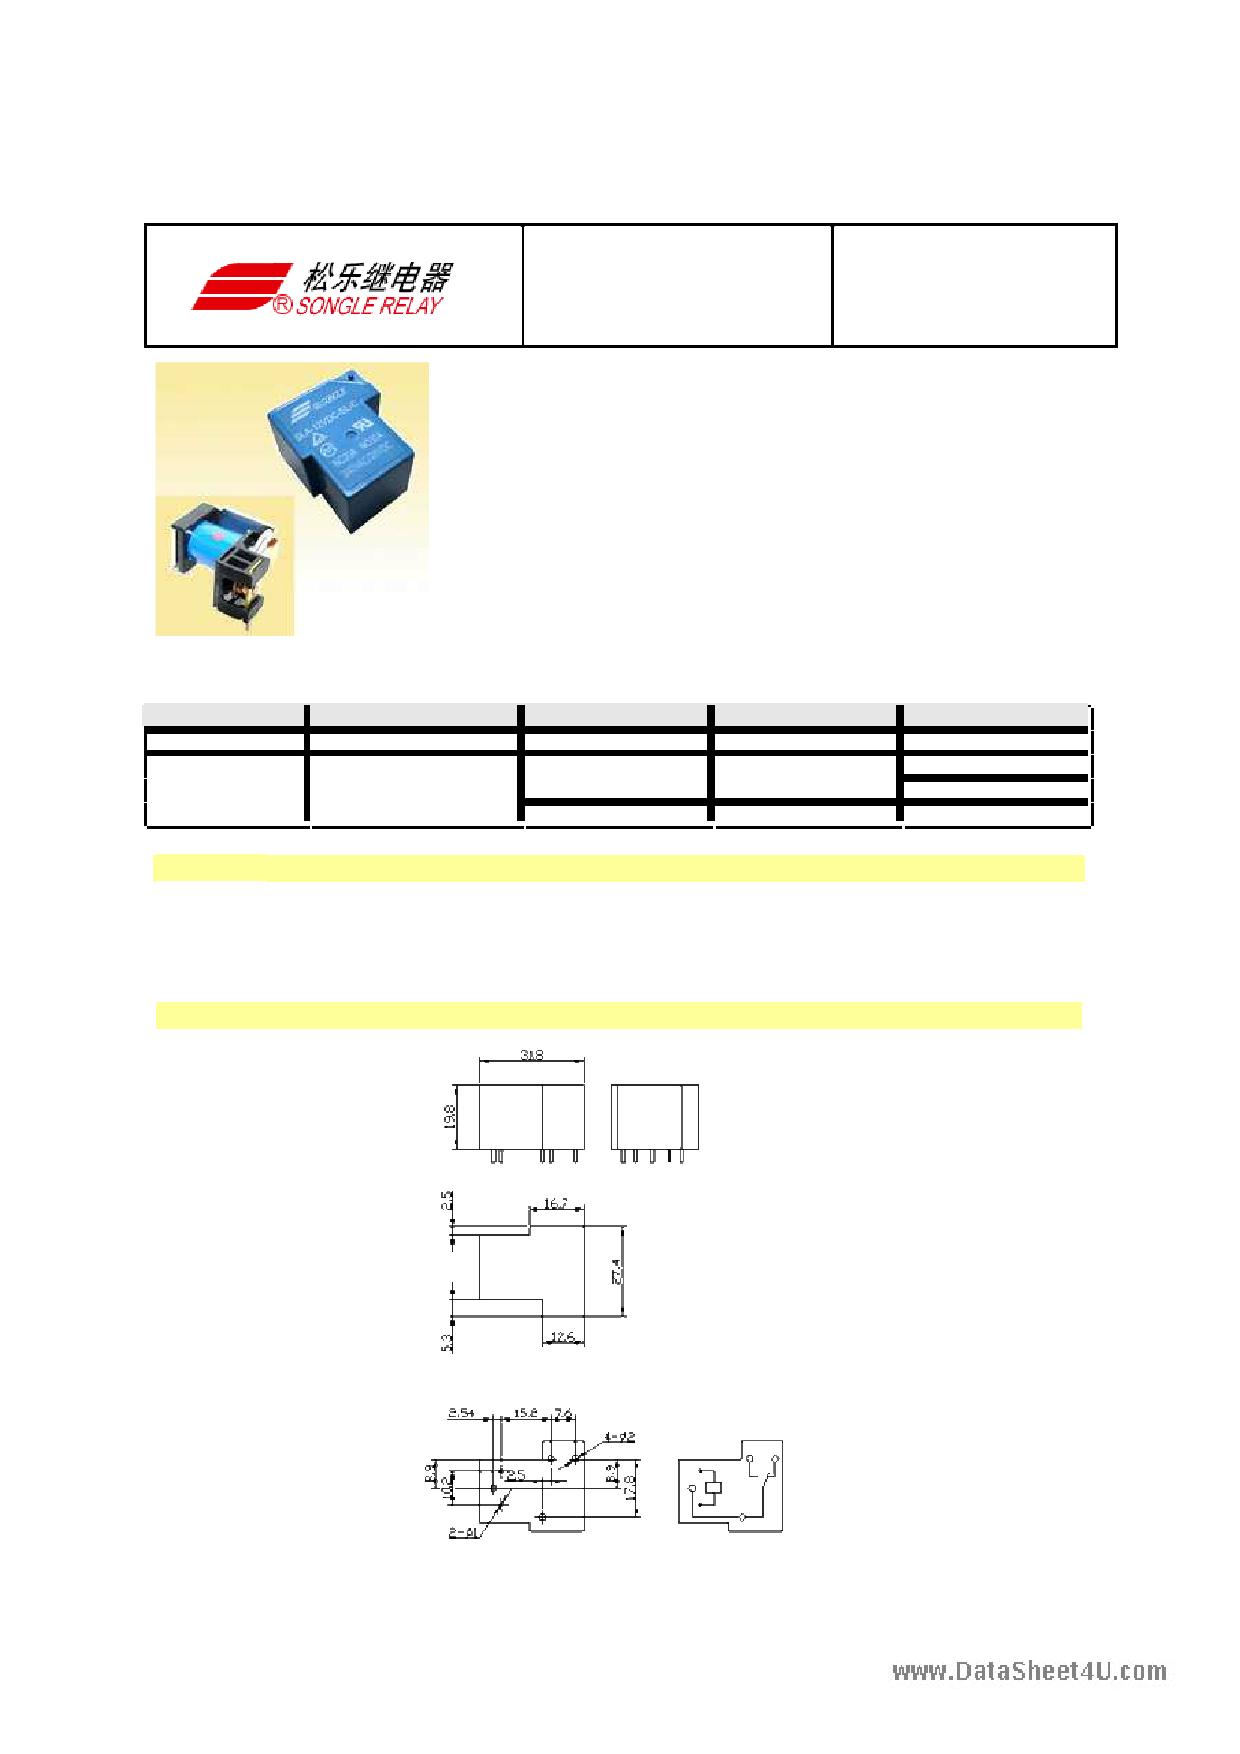 SLA-05VDC-S-L-C datasheet pinout